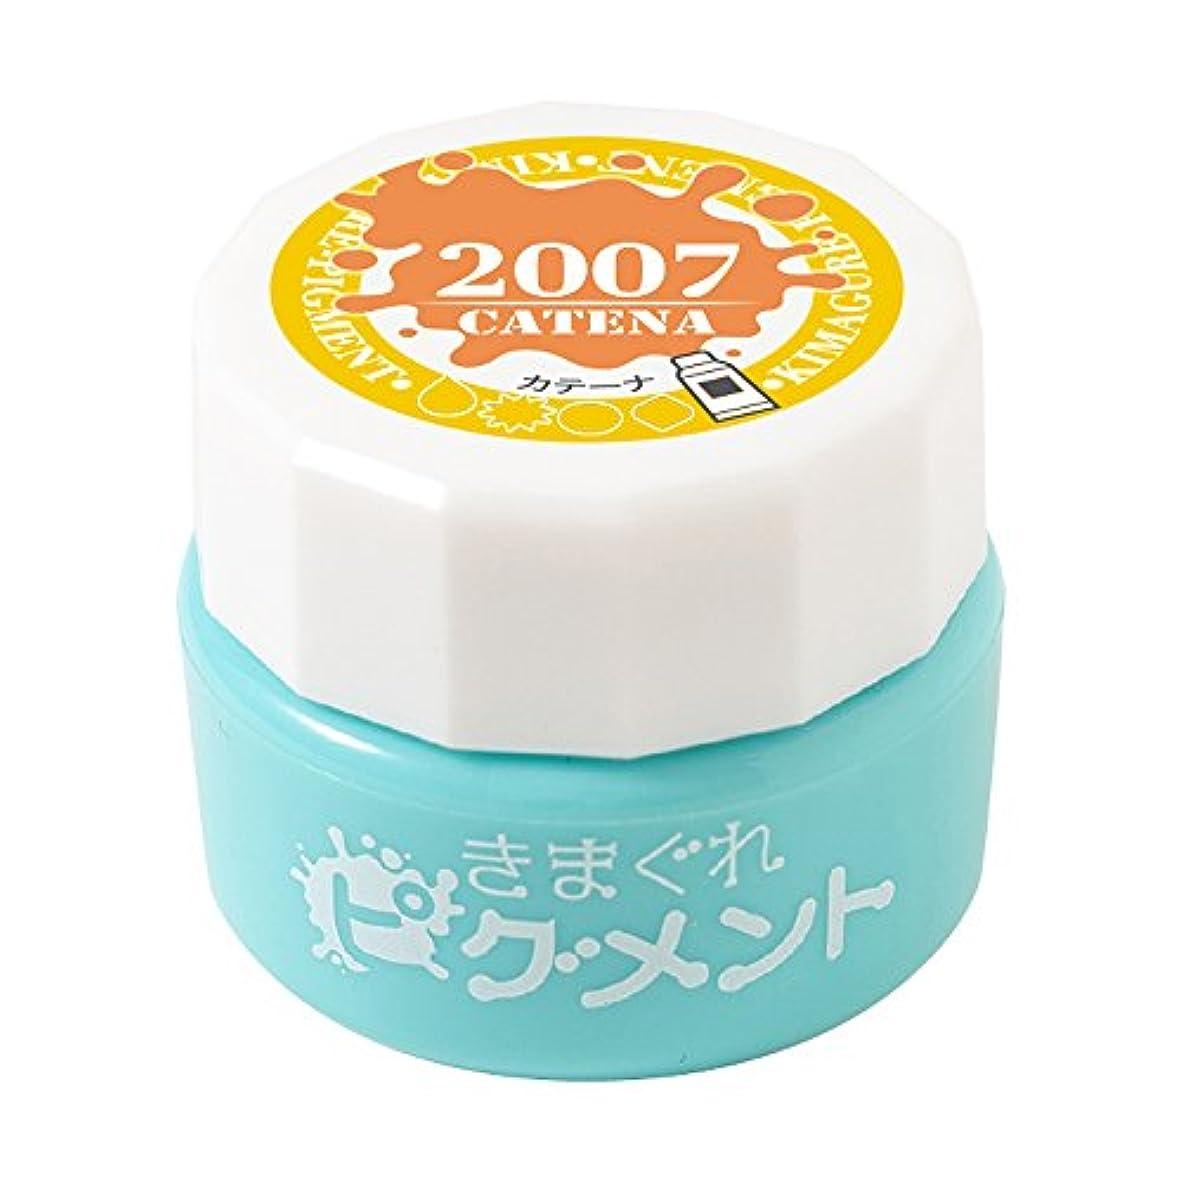 利益ミシン弾薬Bettygel きまぐれピグメント カテーナ QYJ-2007 4g UV/LED対応